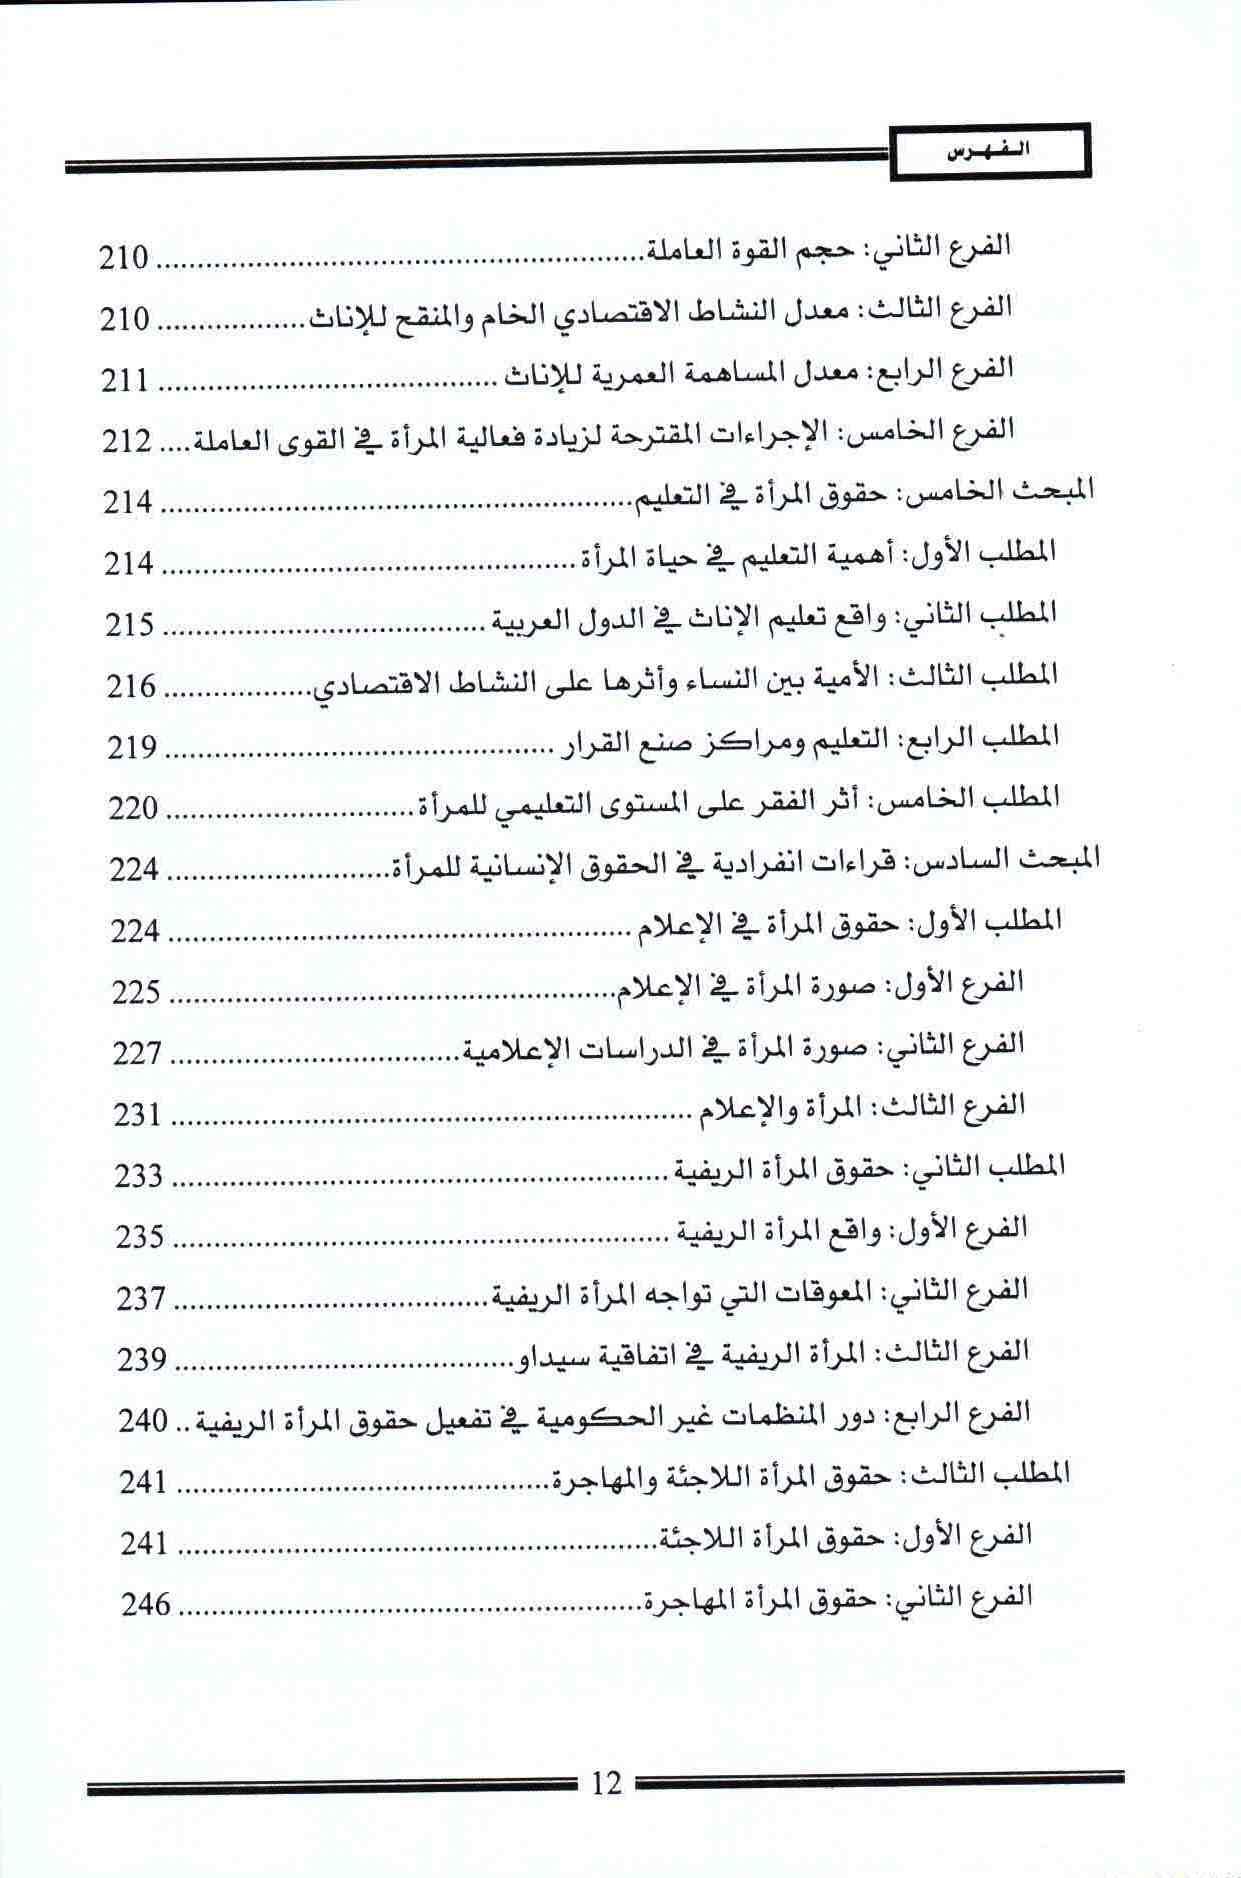 ص 12 محتويات كتاب حقوق المرأة